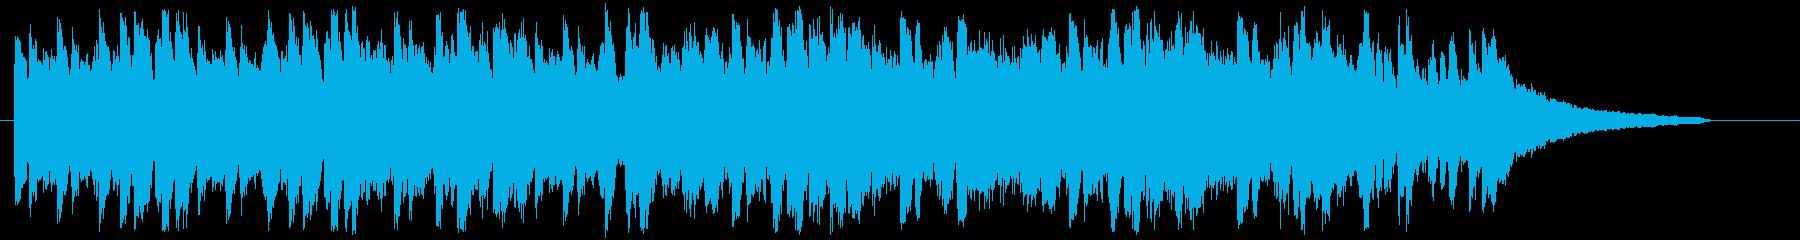 楽しいブギー ブギウギ ピアノジングルの再生済みの波形